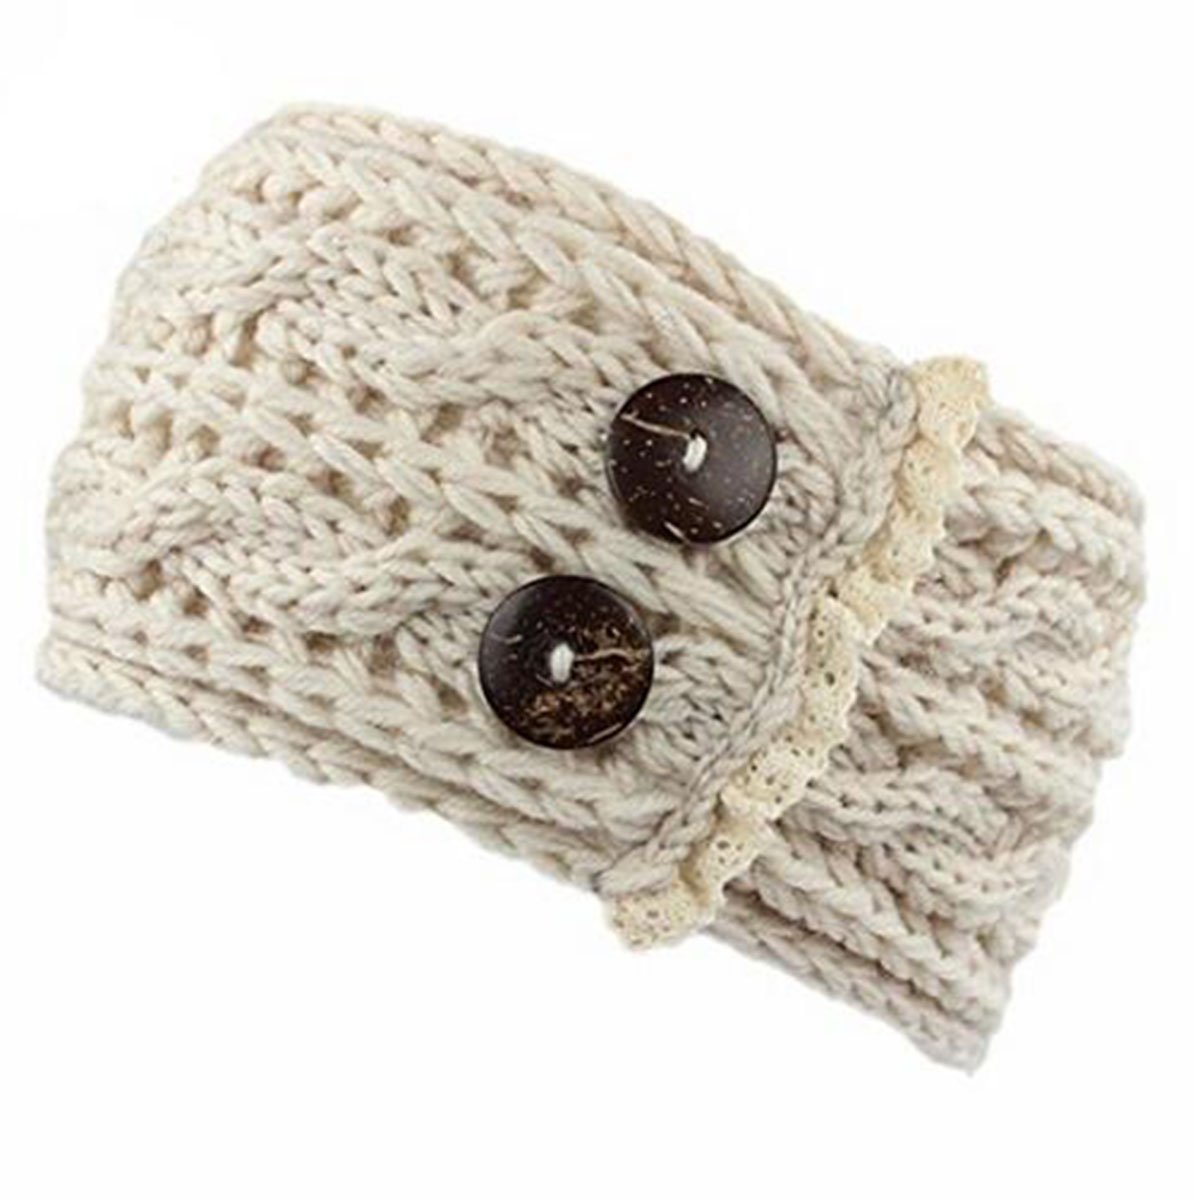 Crochet Hiver Chaud Femme Bandeau boutons tissé tricot cache-oreilles 383614Bandeau cheveux bandeaux cheveux accessoires beige Tukistore